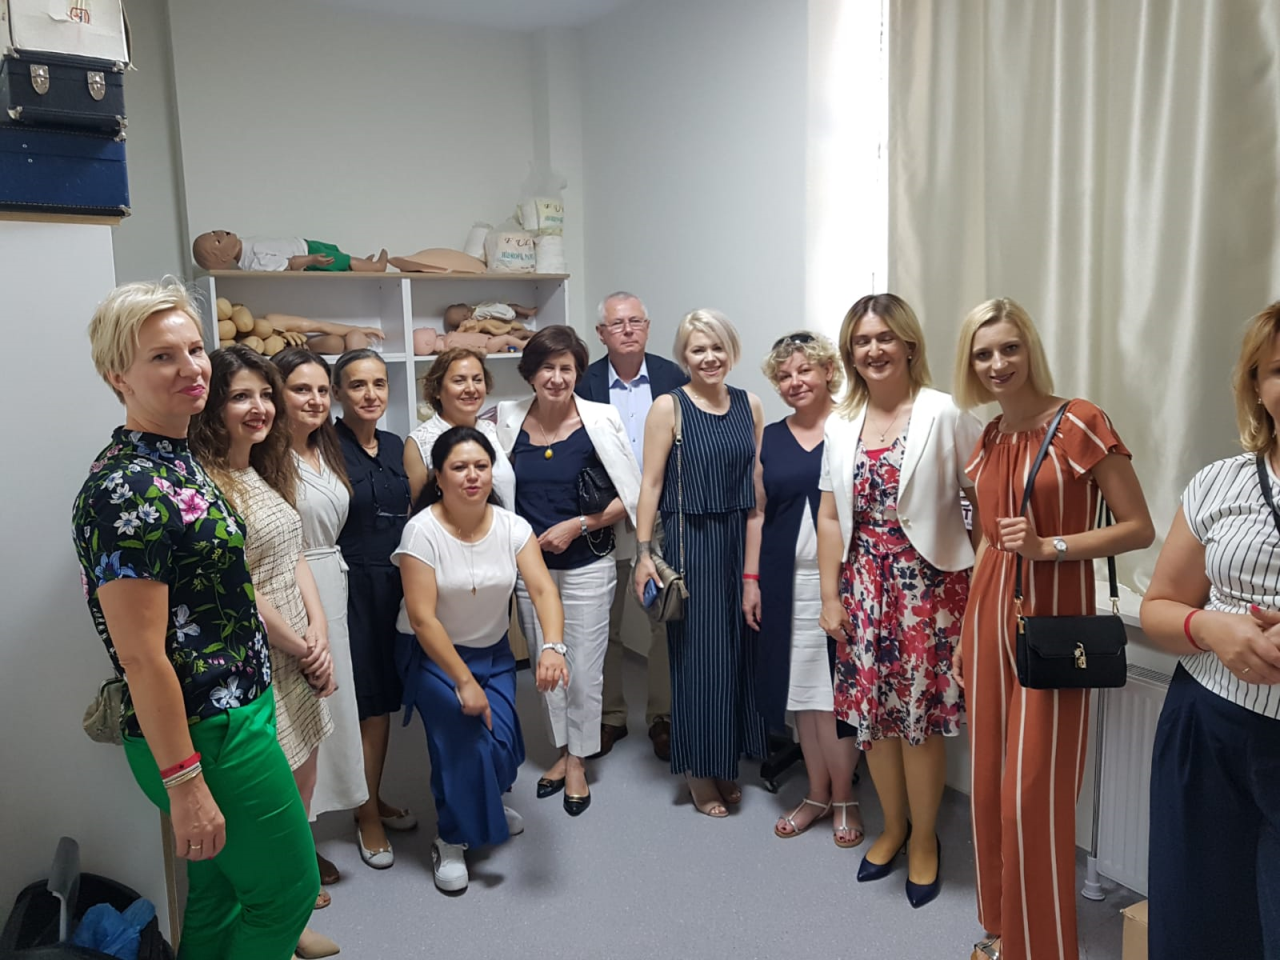 Polonya Üniversitesinden Üniversitemize Gelen 8 Kişilik Öğretim Elemanı Ekibi Rektörümüzü Ziyaret Etti